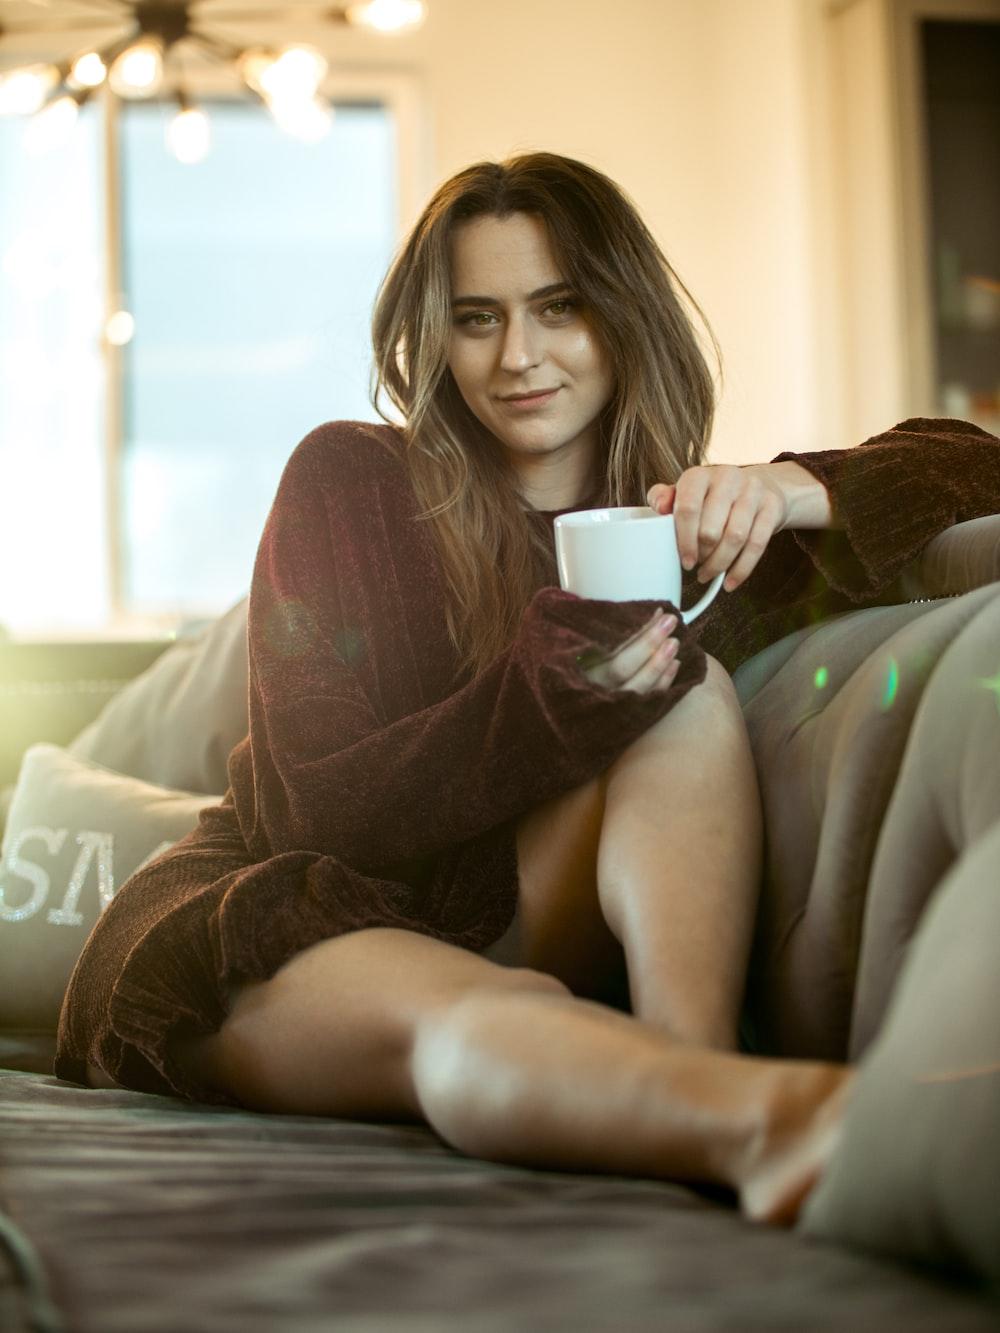 woman wearing maroon sweater sitting on sofa